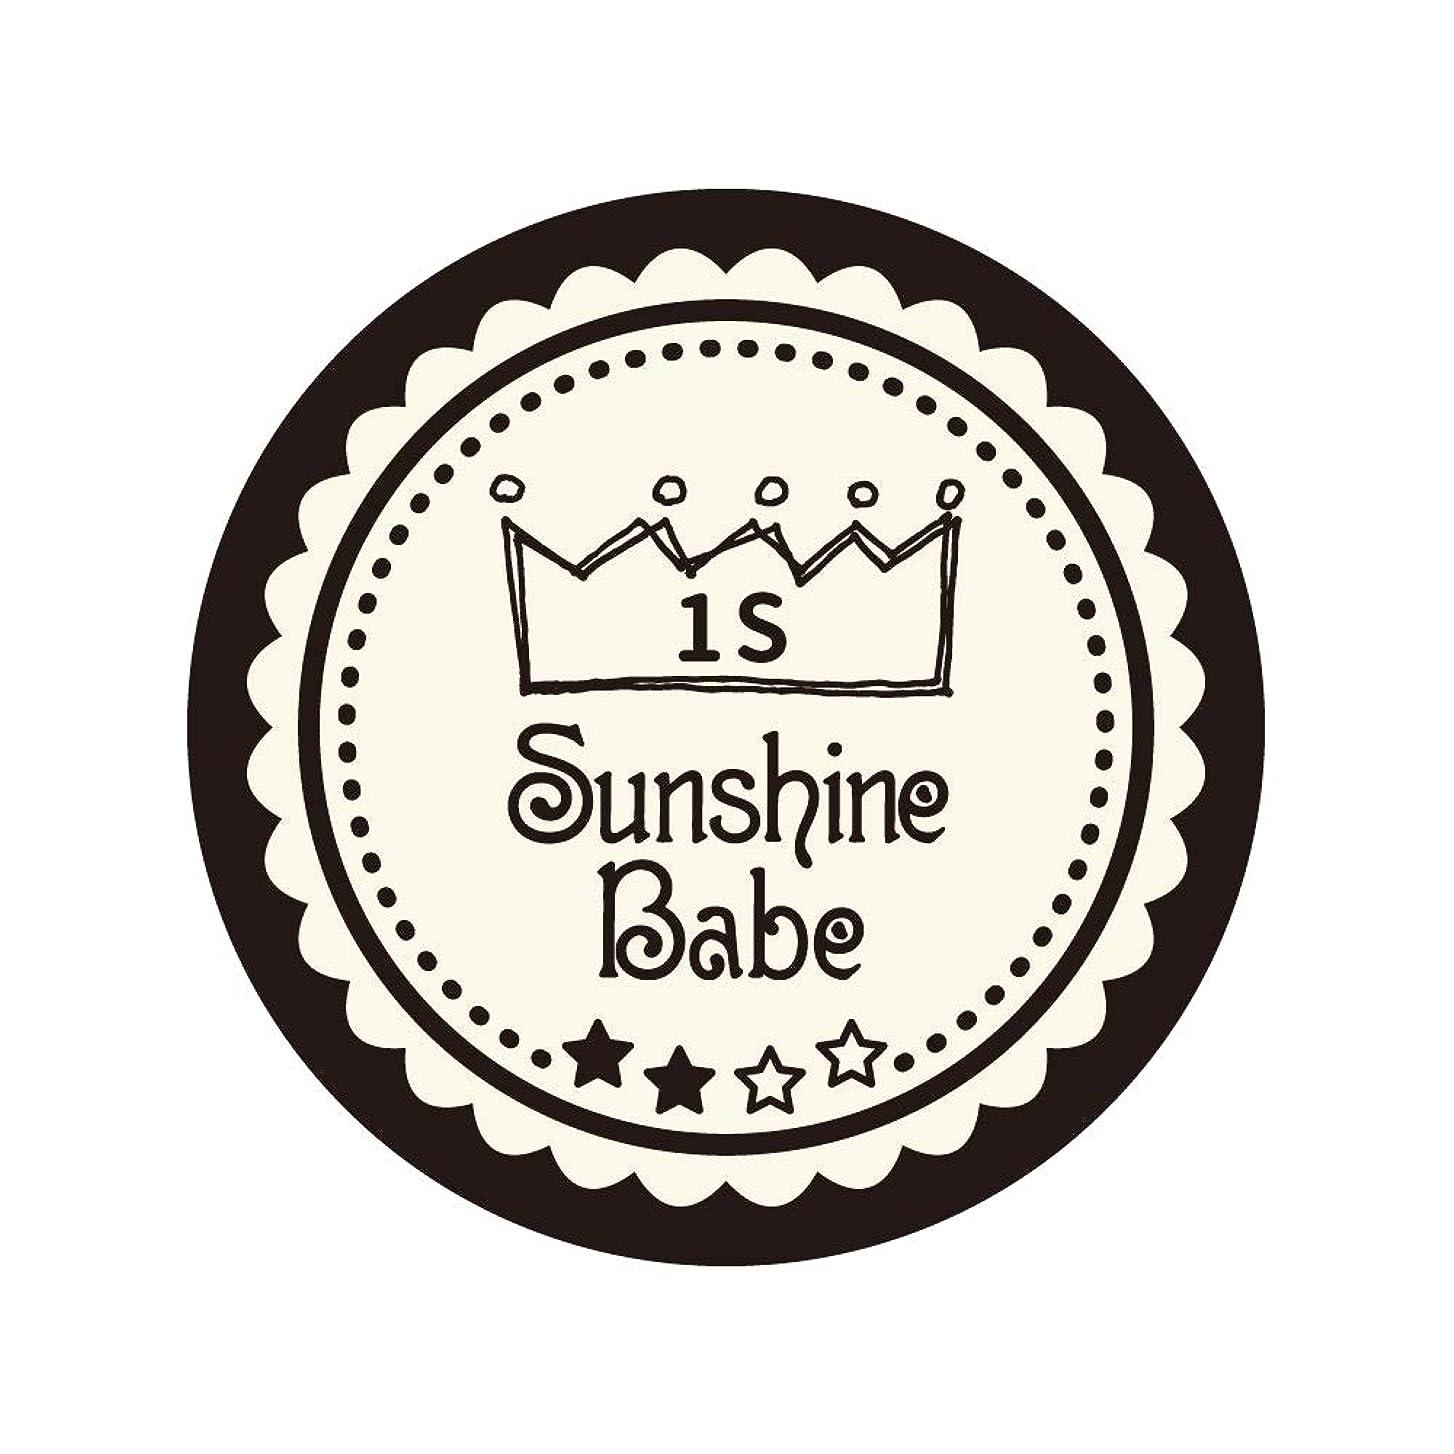 池コンクリート発信Sunshine Babe コスメティックカラー 1S ココナッツミルク 4g UV/LED対応タイオウ